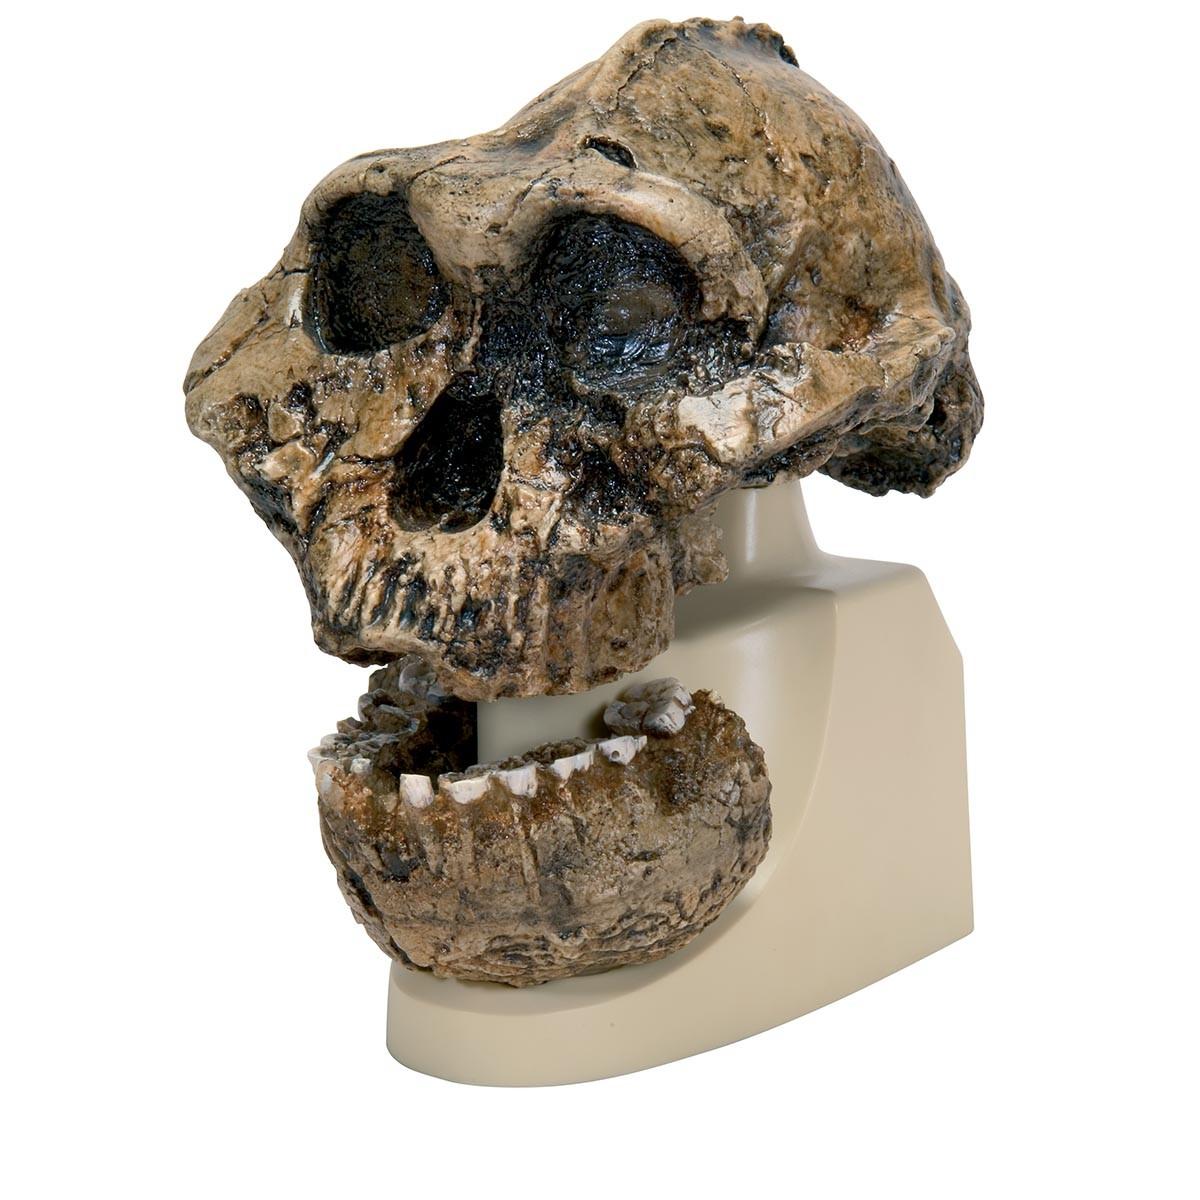 Anthropologischer Schädel - KNM-ER 406 (Australopithecus Boisei)